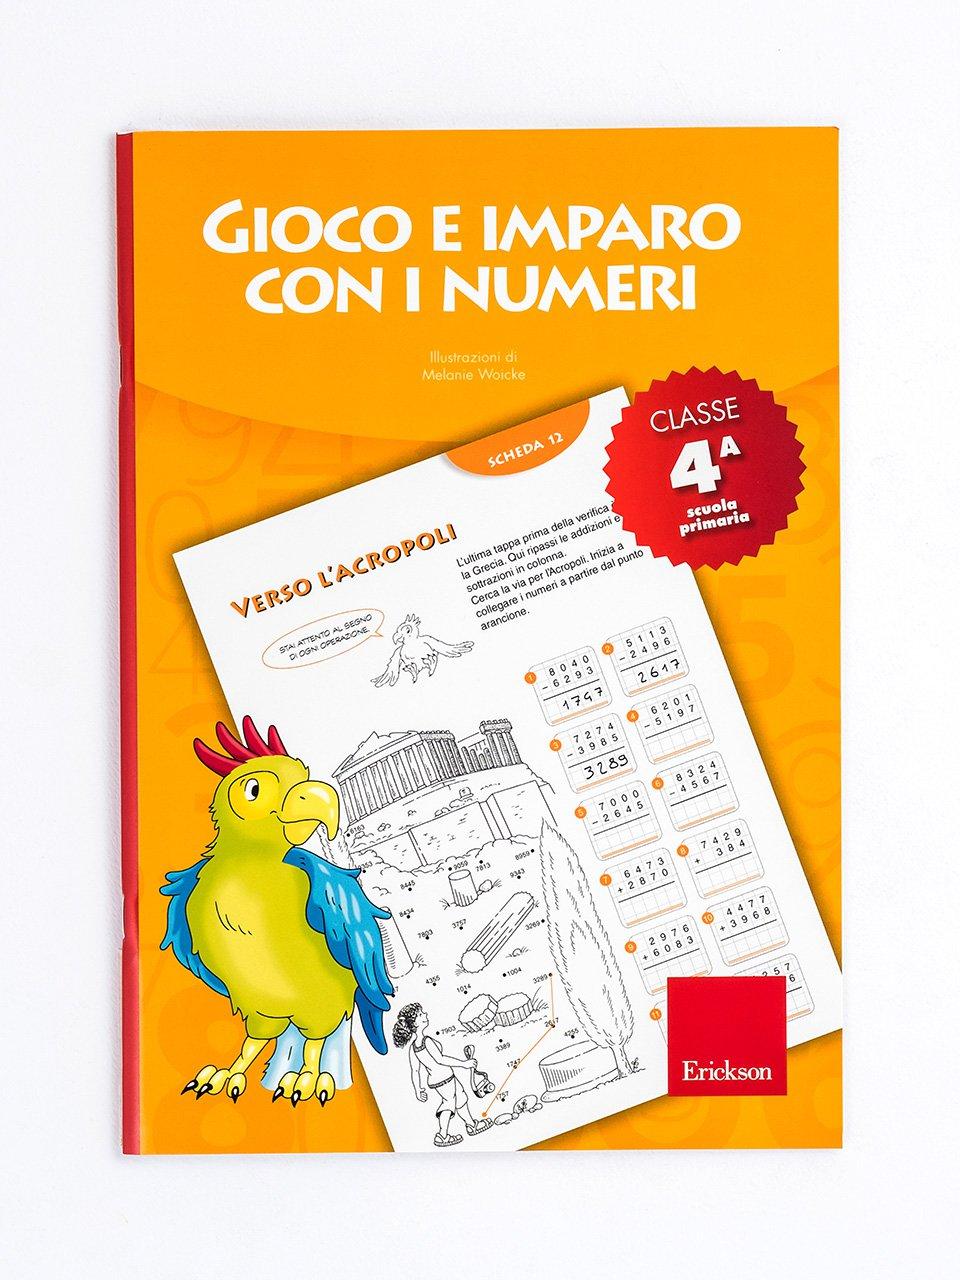 Gioco e imparo con i numeri - CLASSE QUARTA - Apprendere con il metodo analogico e la LIM 1 - App e software - Erickson